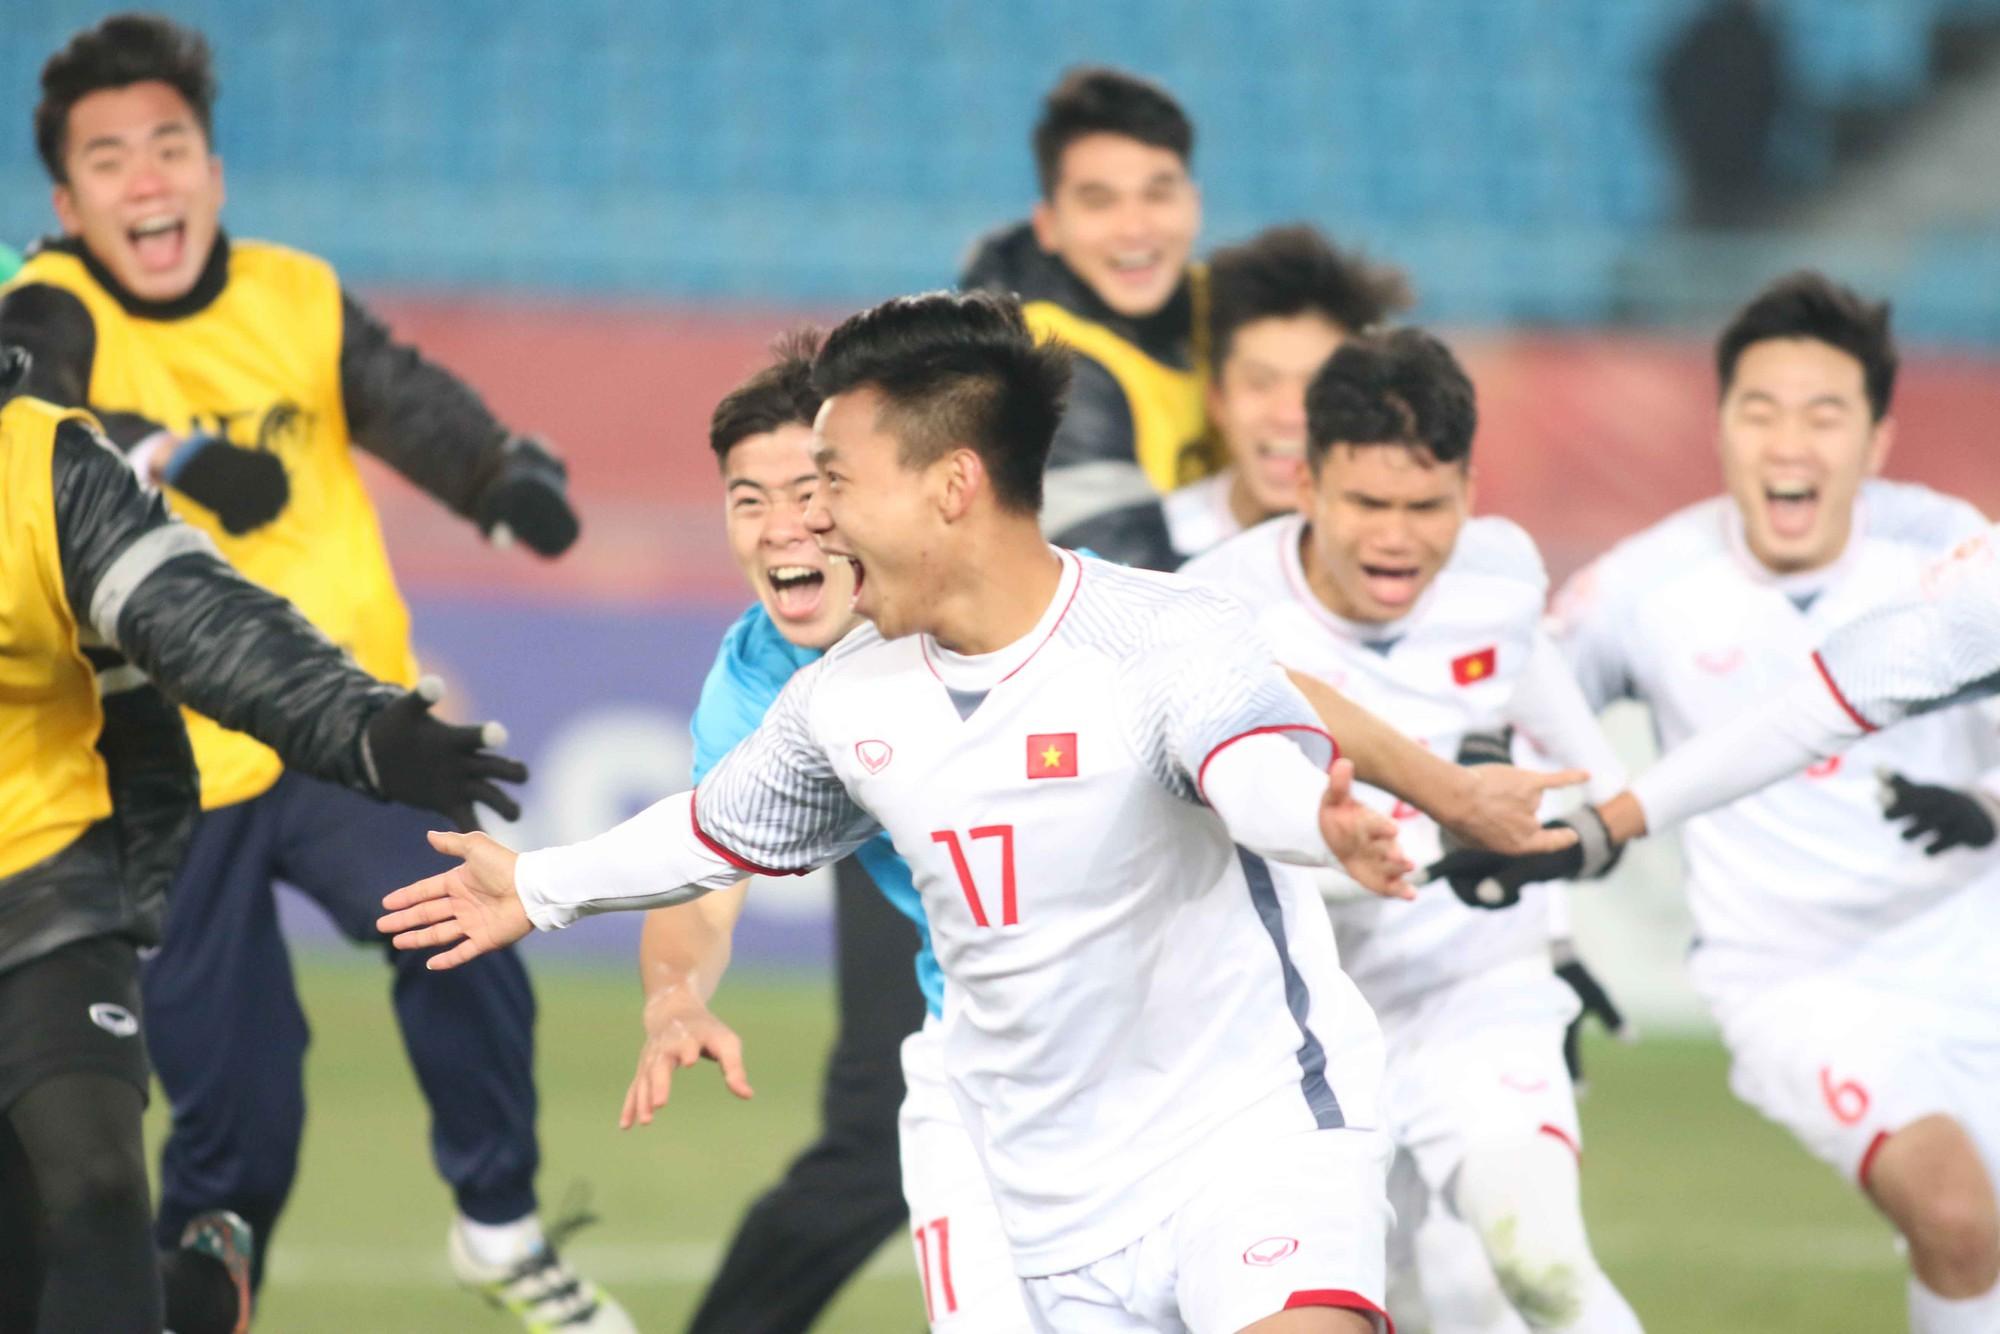 Hình ảnh: Sự kỷ luật là chìa khóa thành công của U23 Việt Nam.